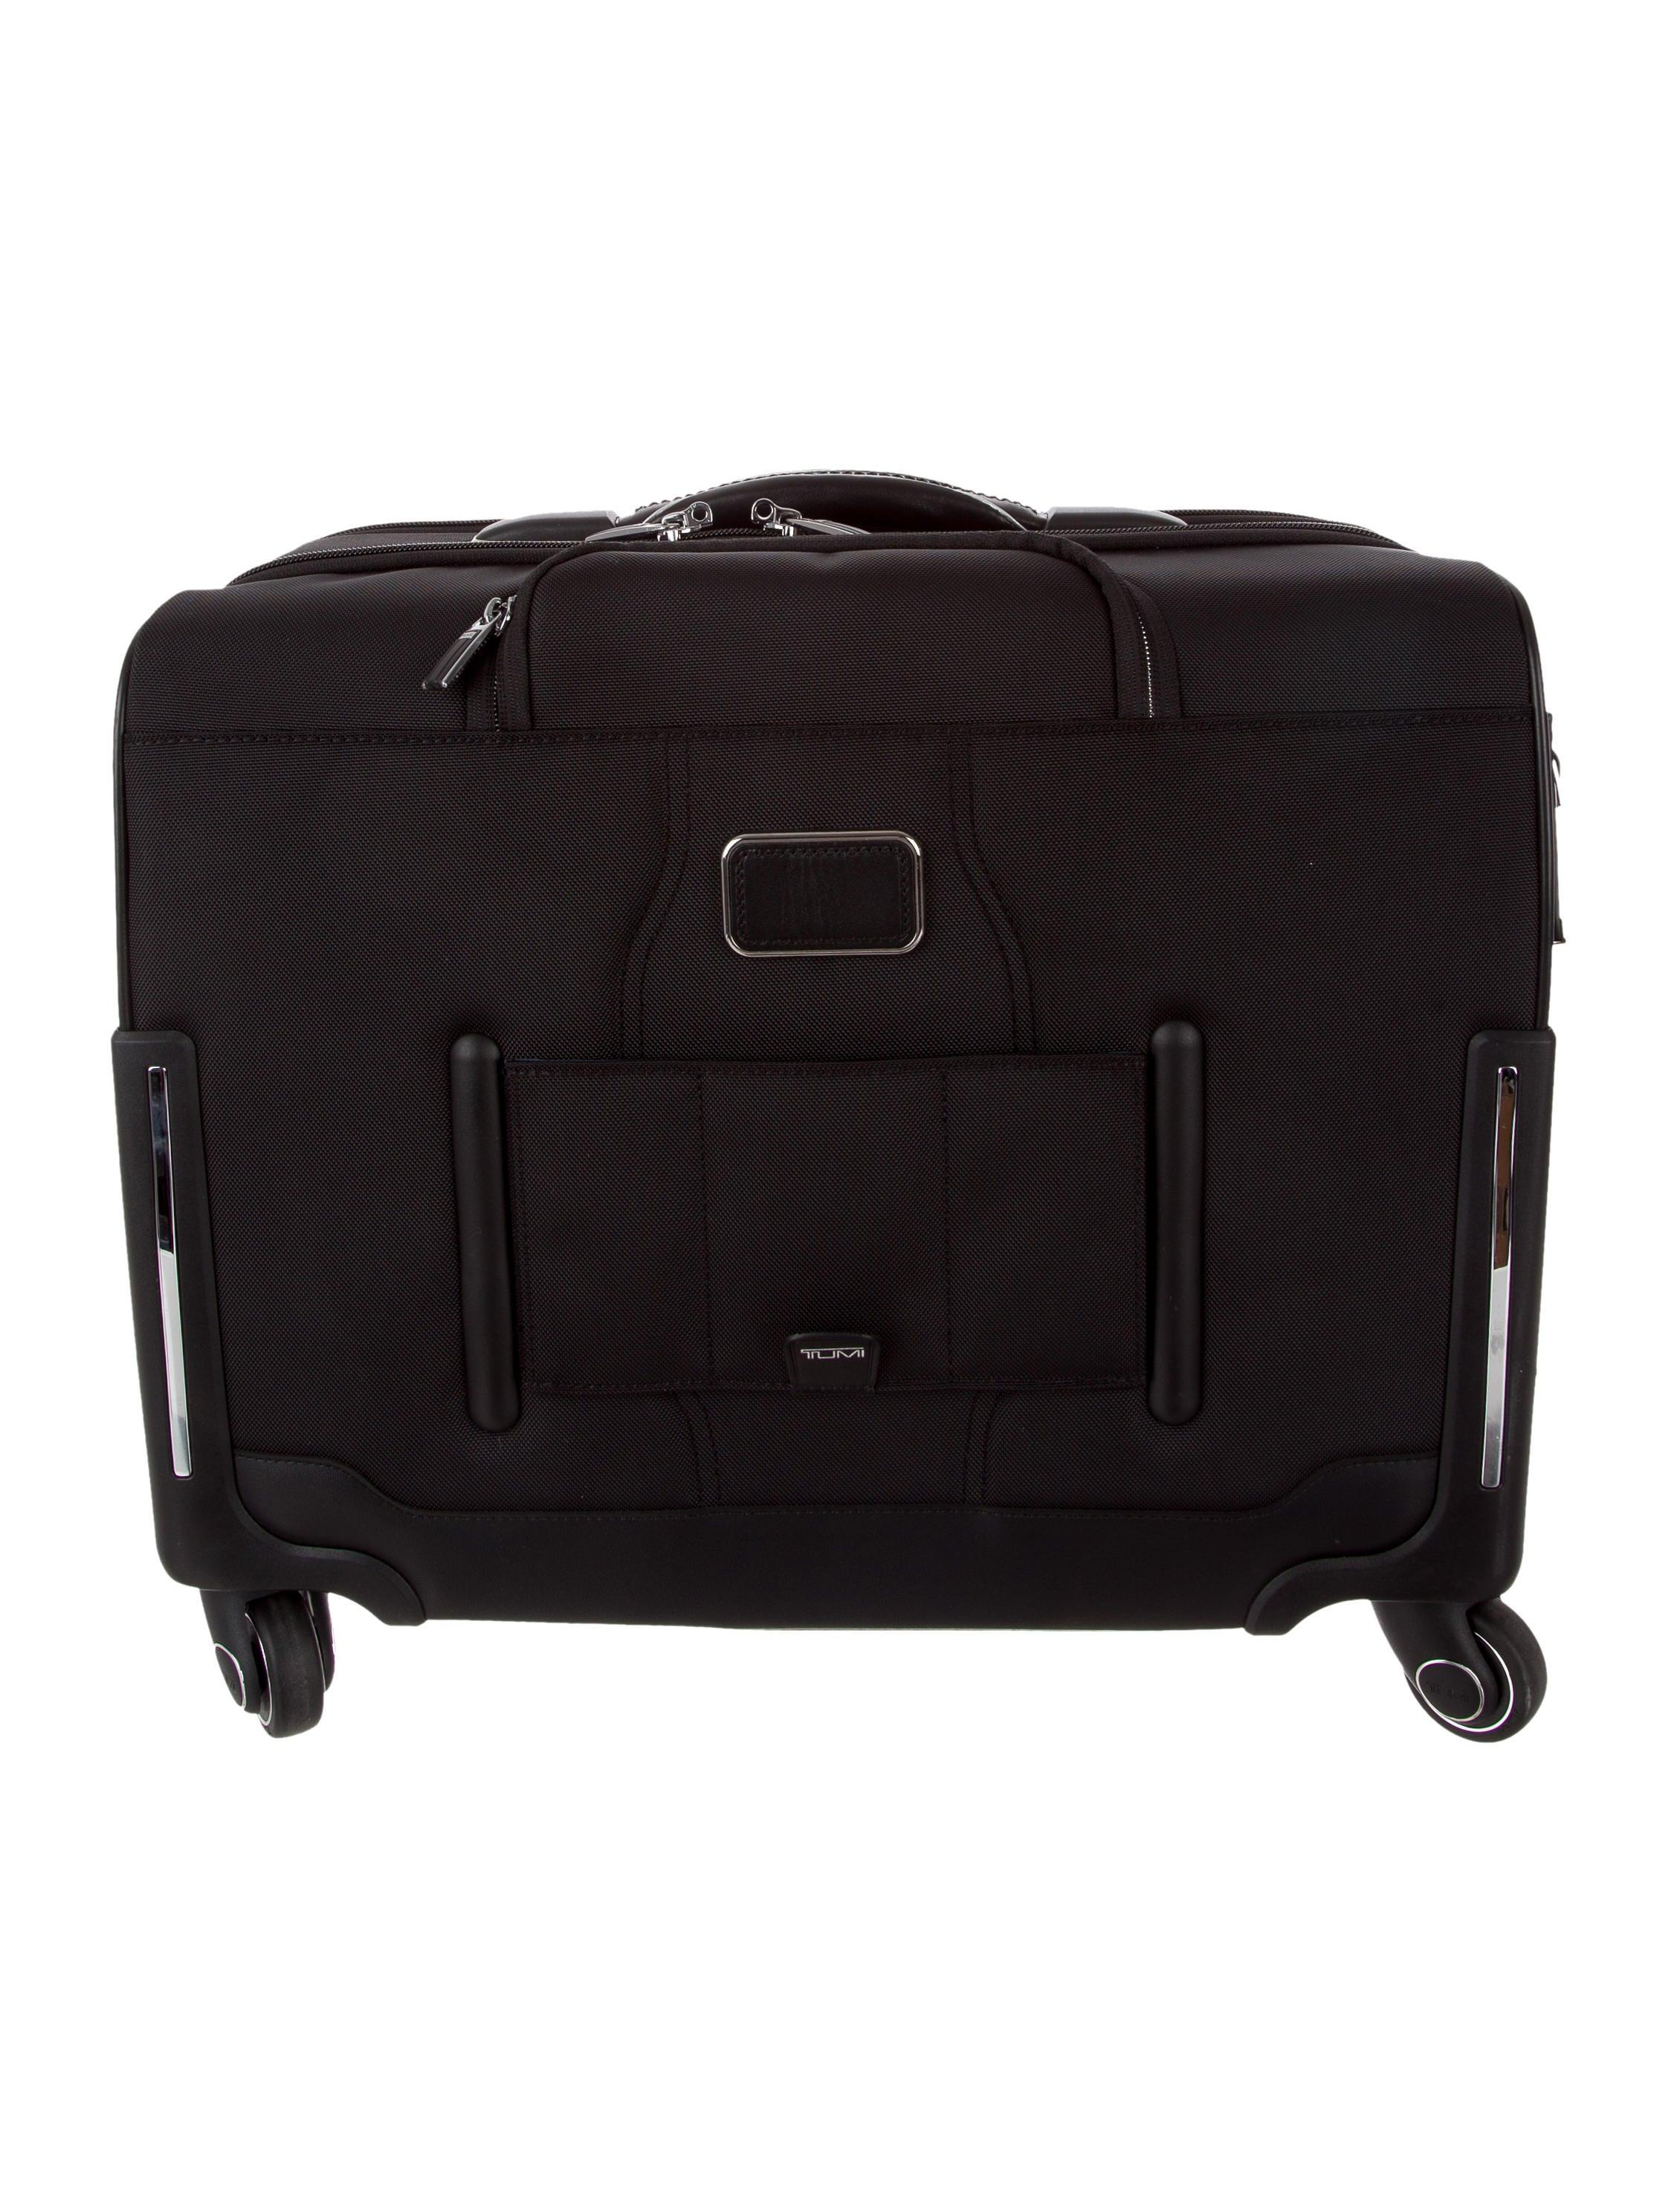 Tumi Arriv 233 Norwich 4 Briefcase W Tags Bags Tmi21569